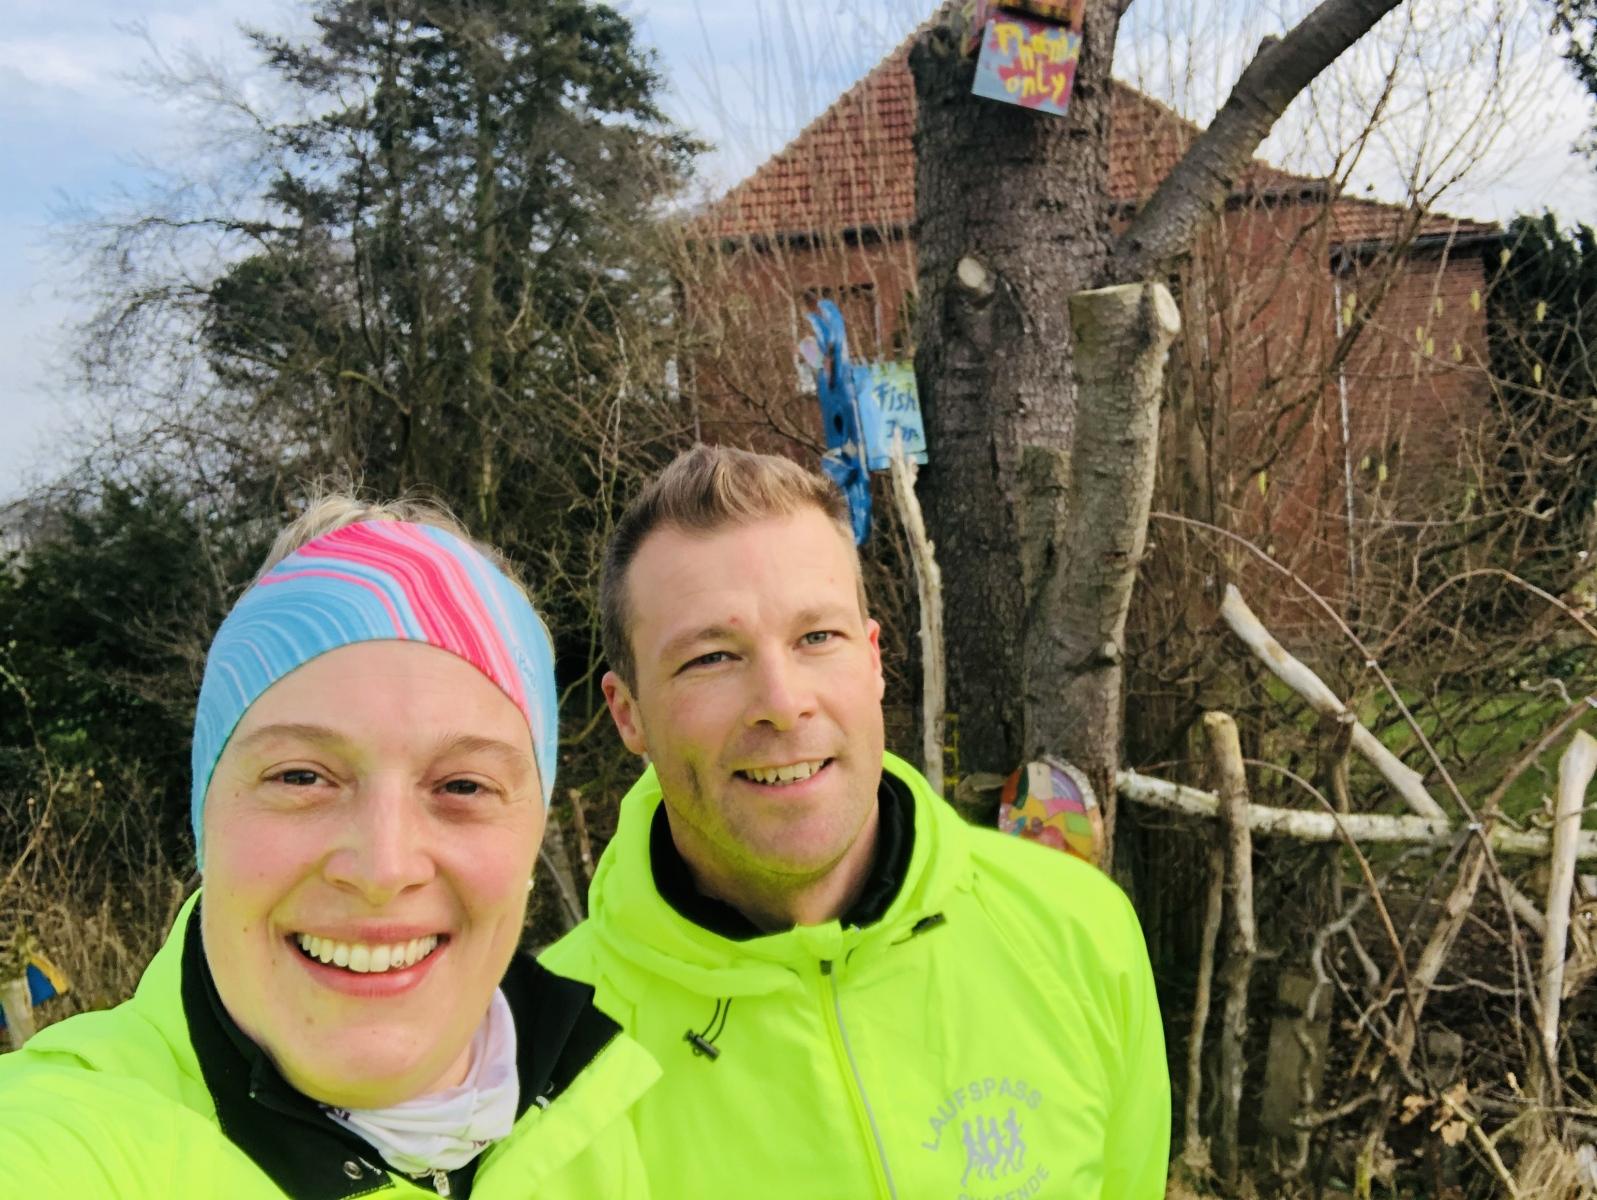 Hassenewert-Marcel-4-Challenge-Marathon-Team-kaqYc